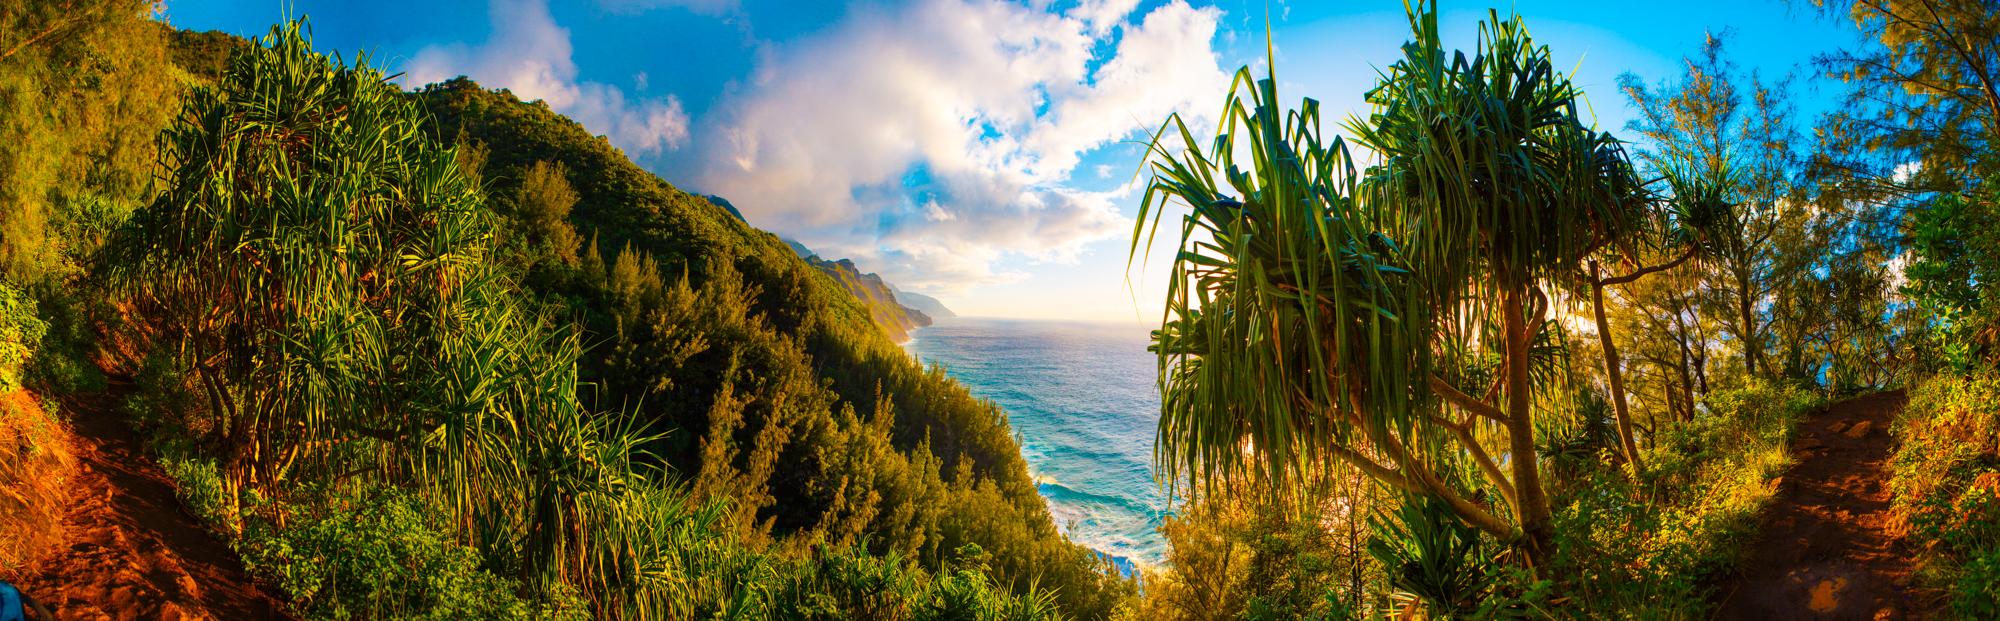 Kauai_day2_-411-Edit-2.jpg